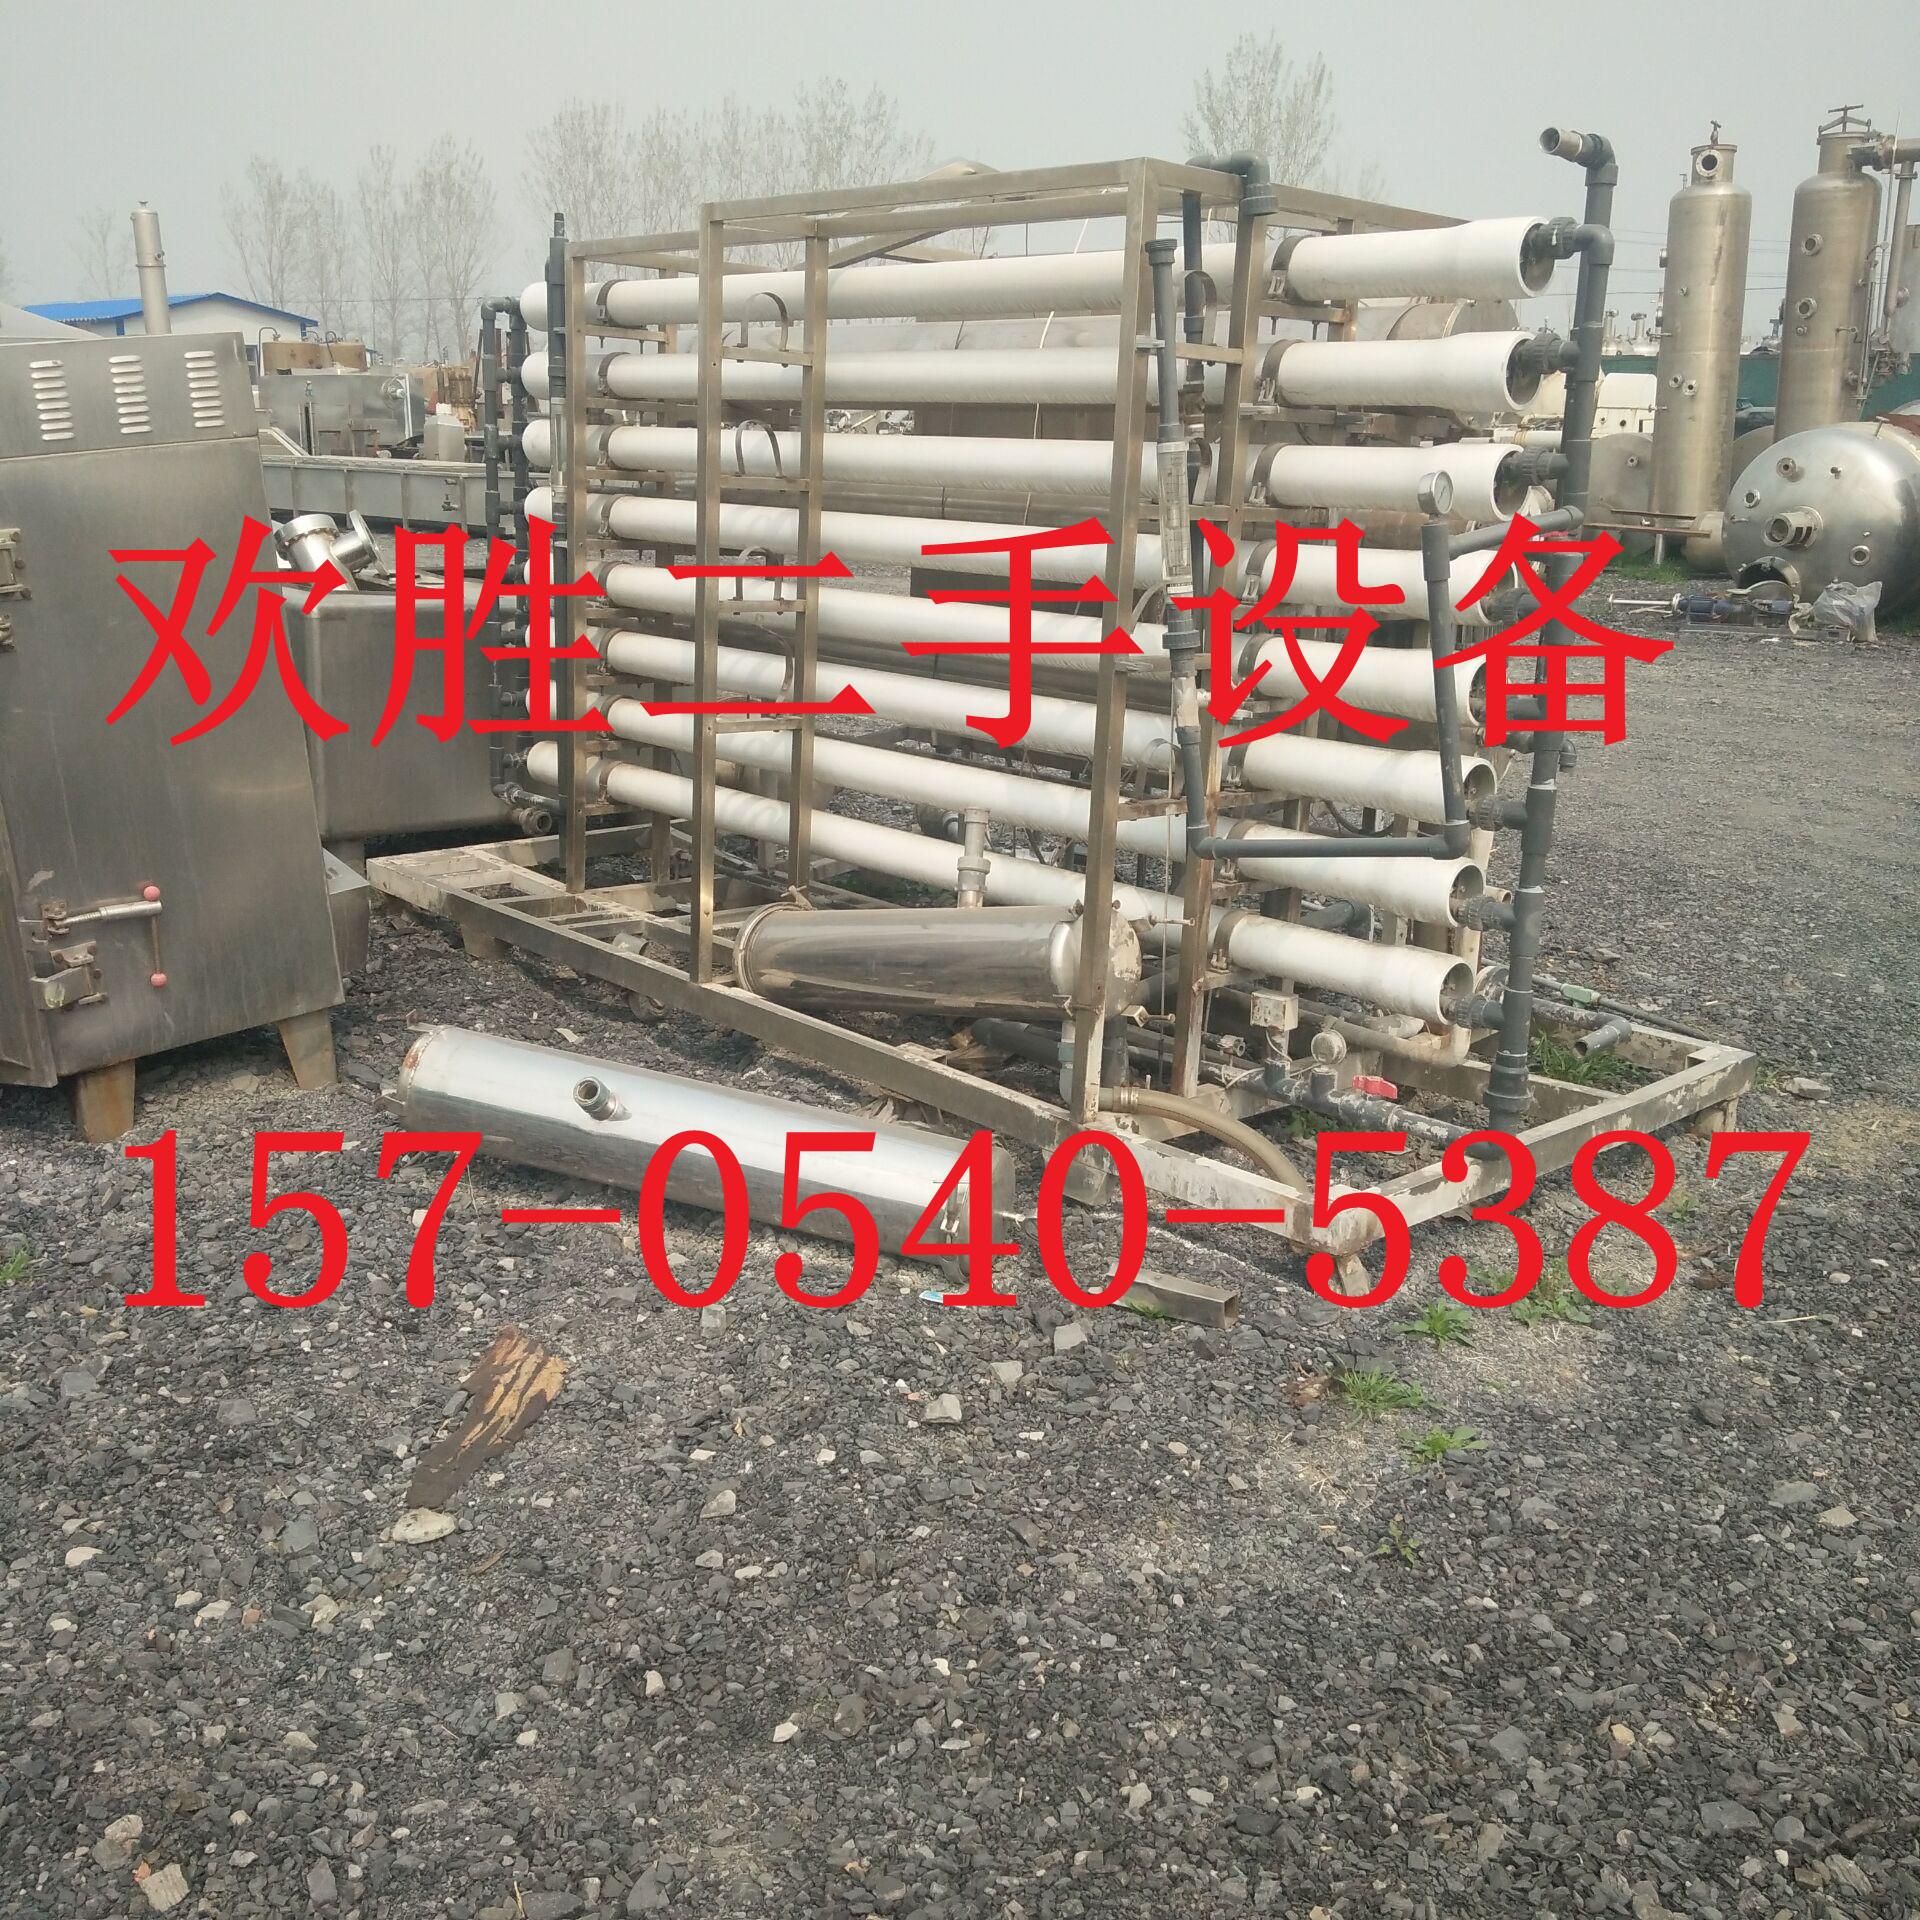 出售二手20吨双机反渗透水处理设备 二手20吨双机反渗透水处理处理